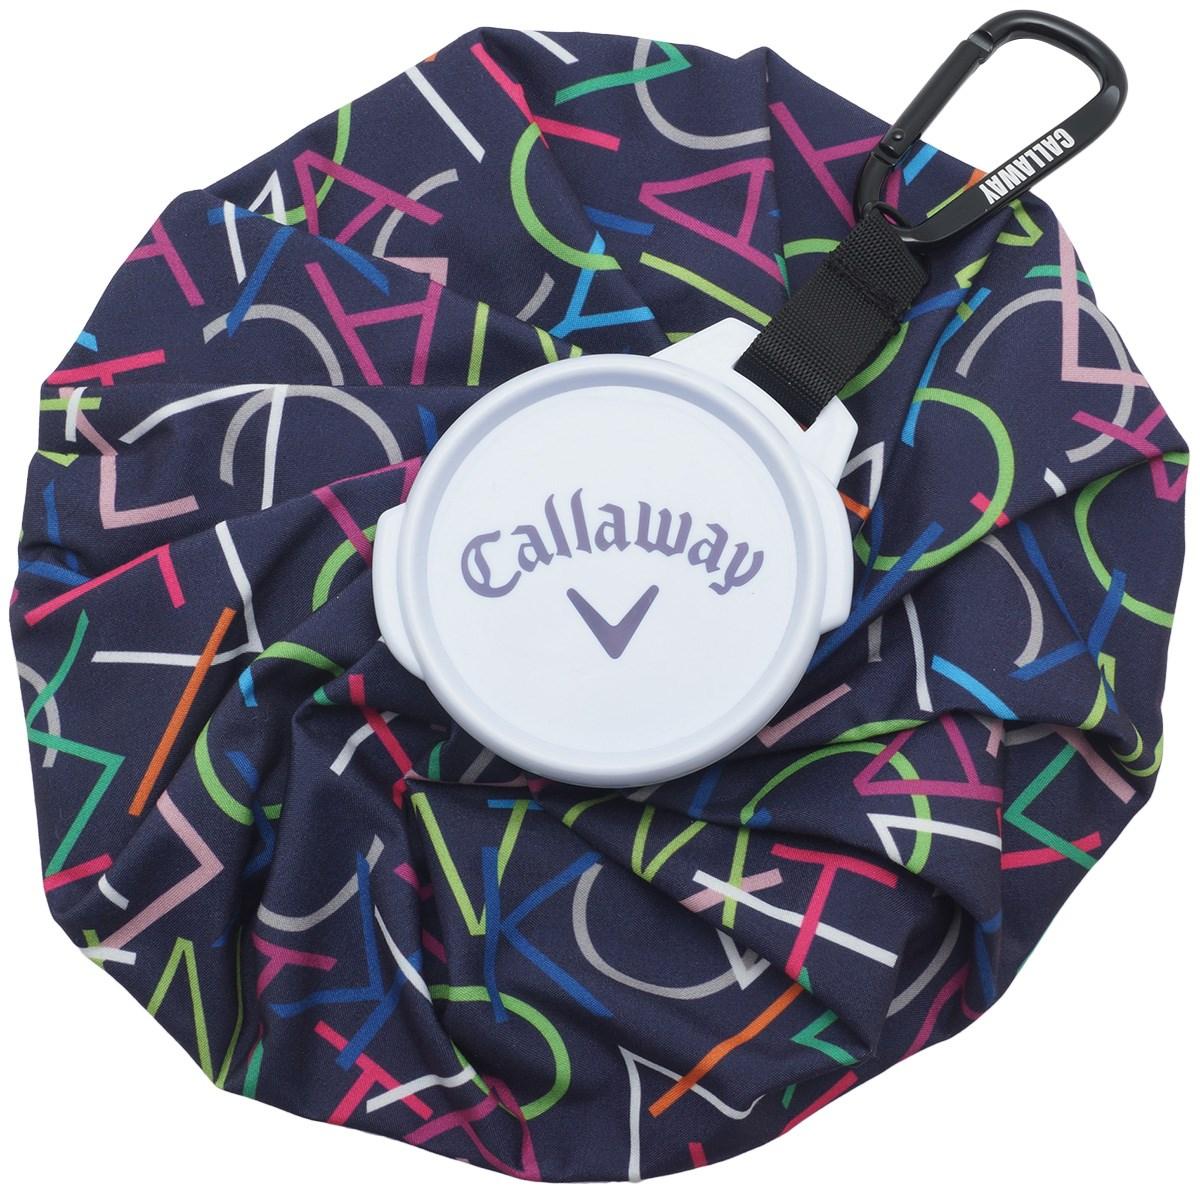 キャロウェイゴルフ(Callaway Golf) NEON アイスバッグ